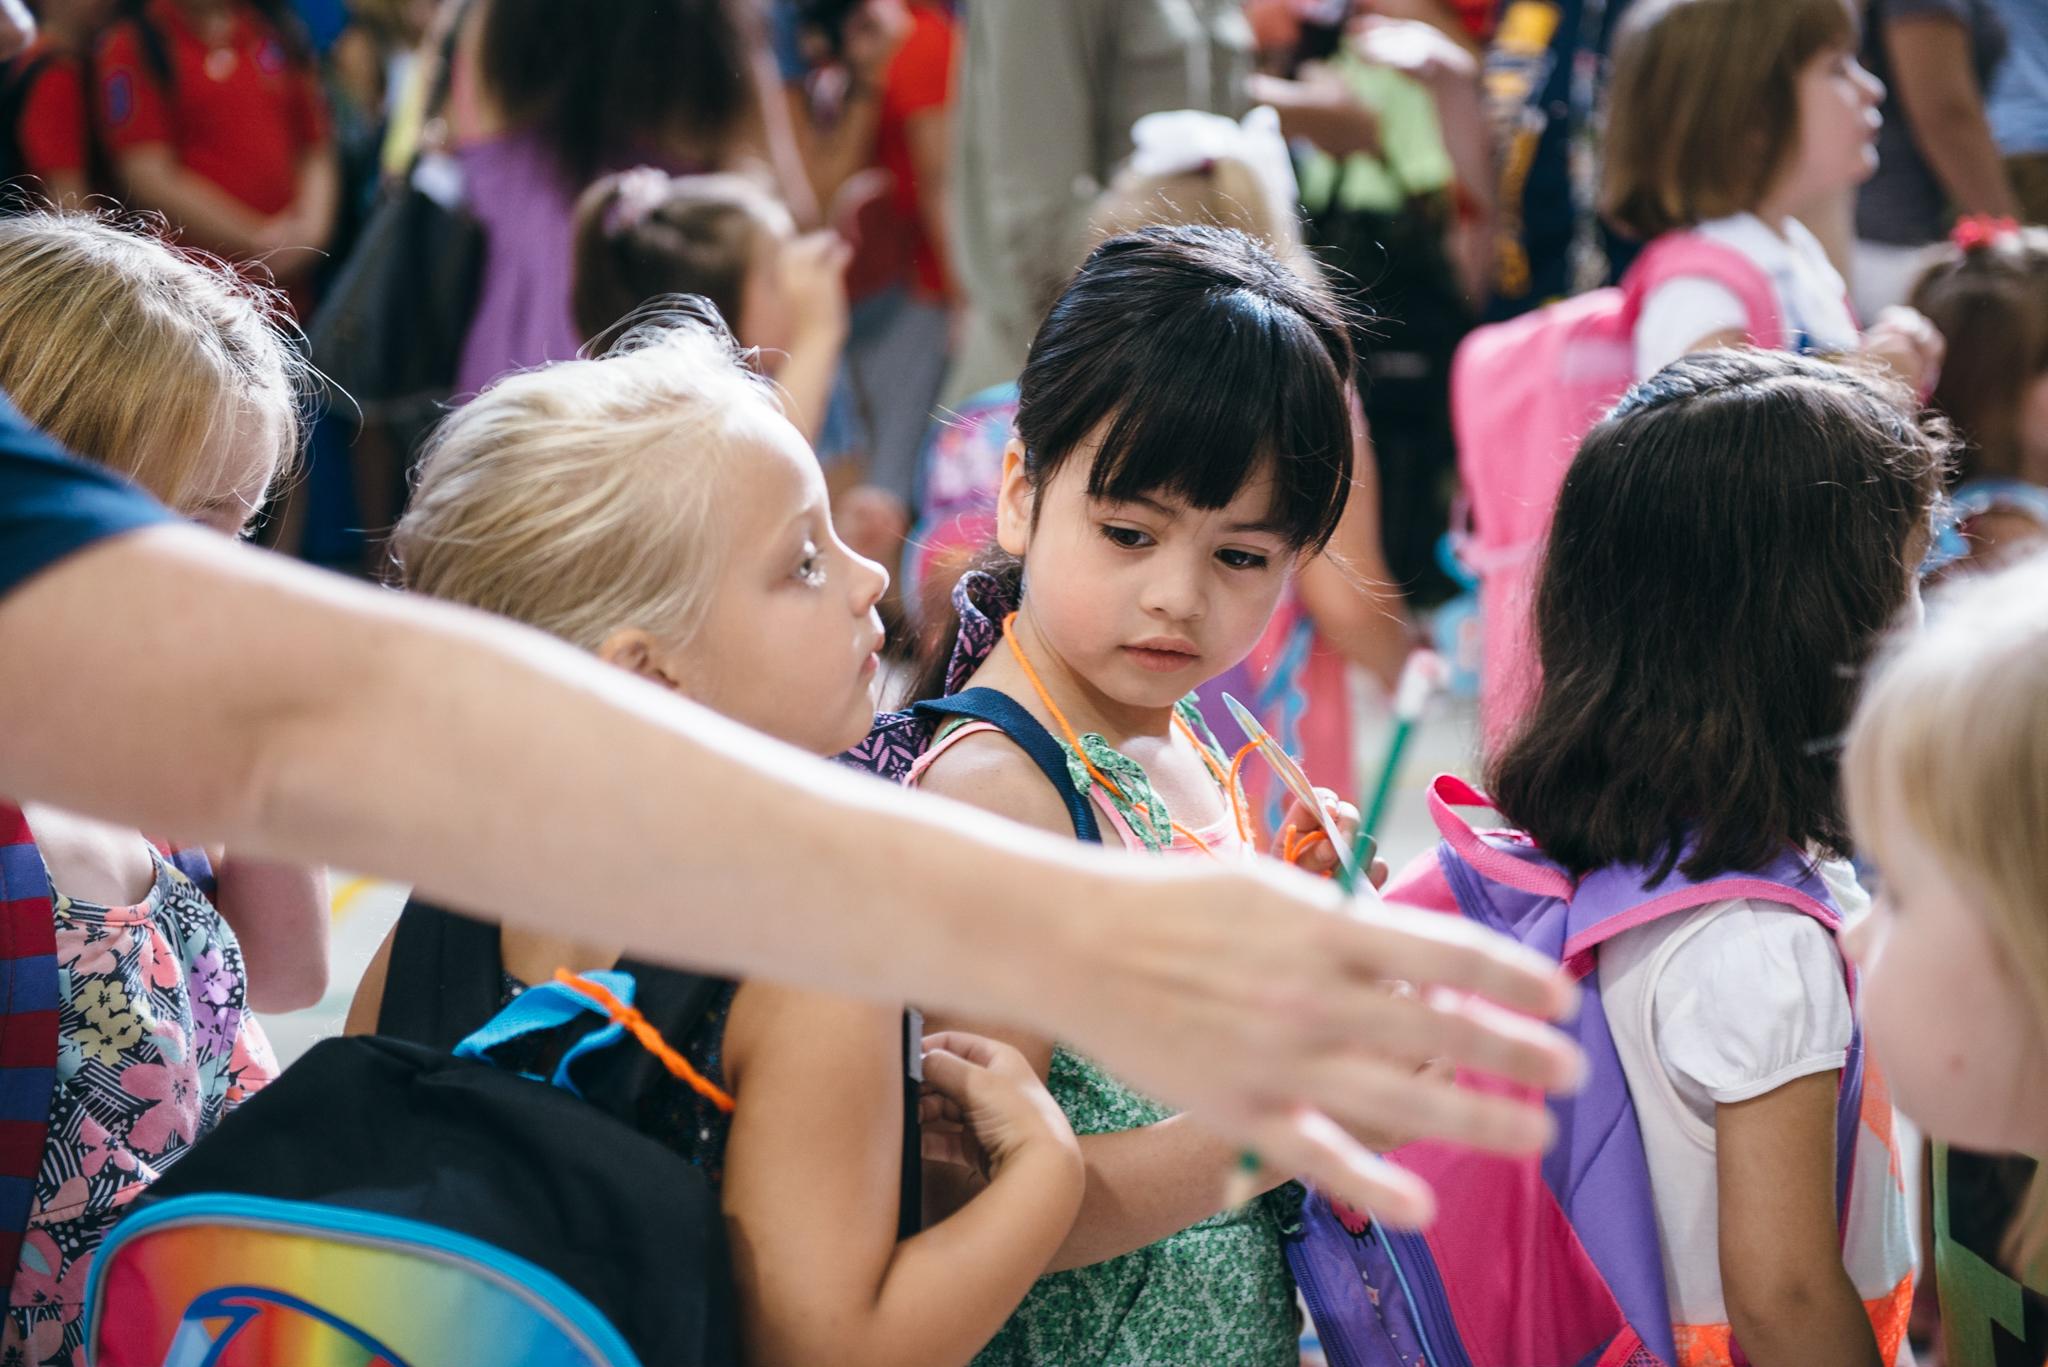 20150813-First Day of School-106-FBEdit.JPG